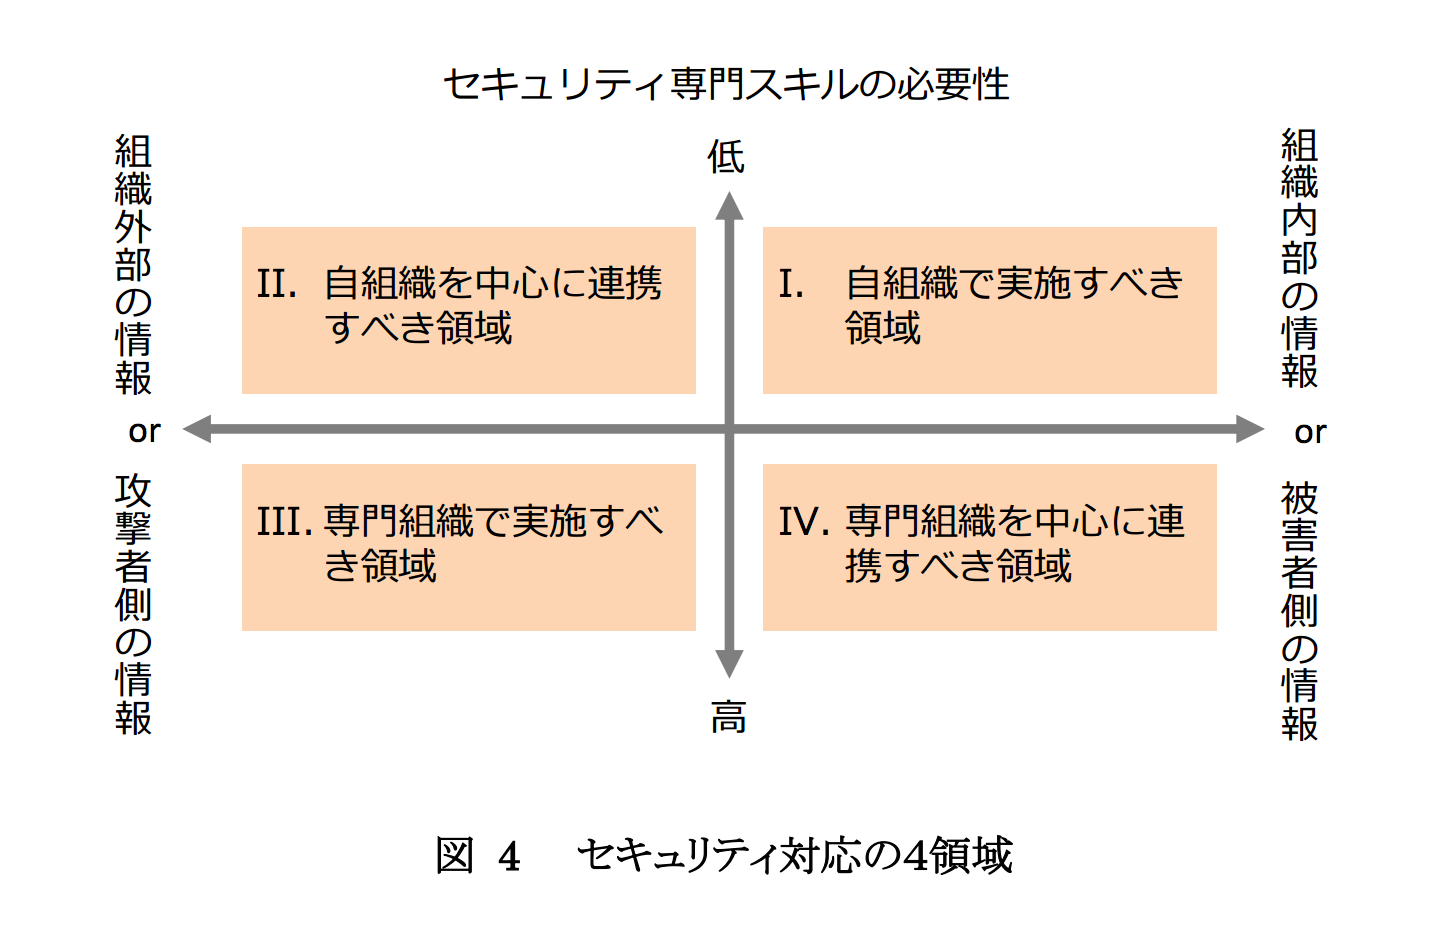 セキュリティ対応の4領域